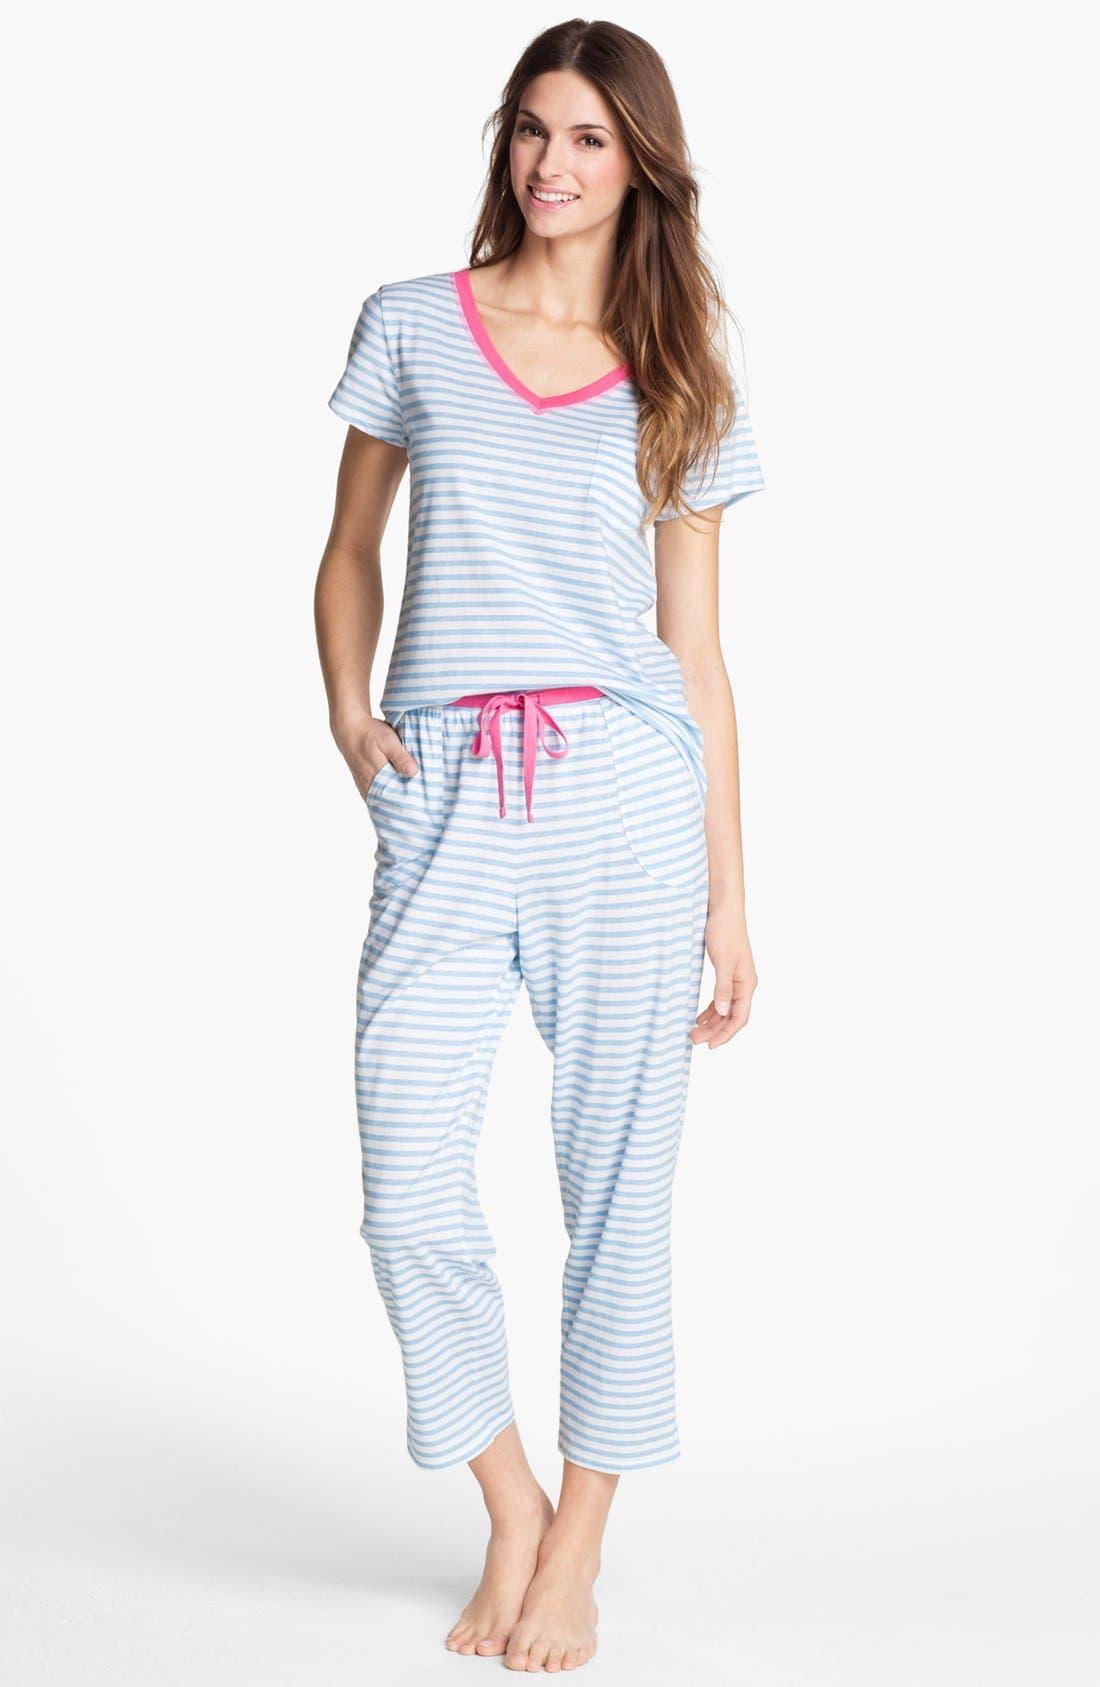 Main Image - Carole Hochman Designs Capri Pajamas